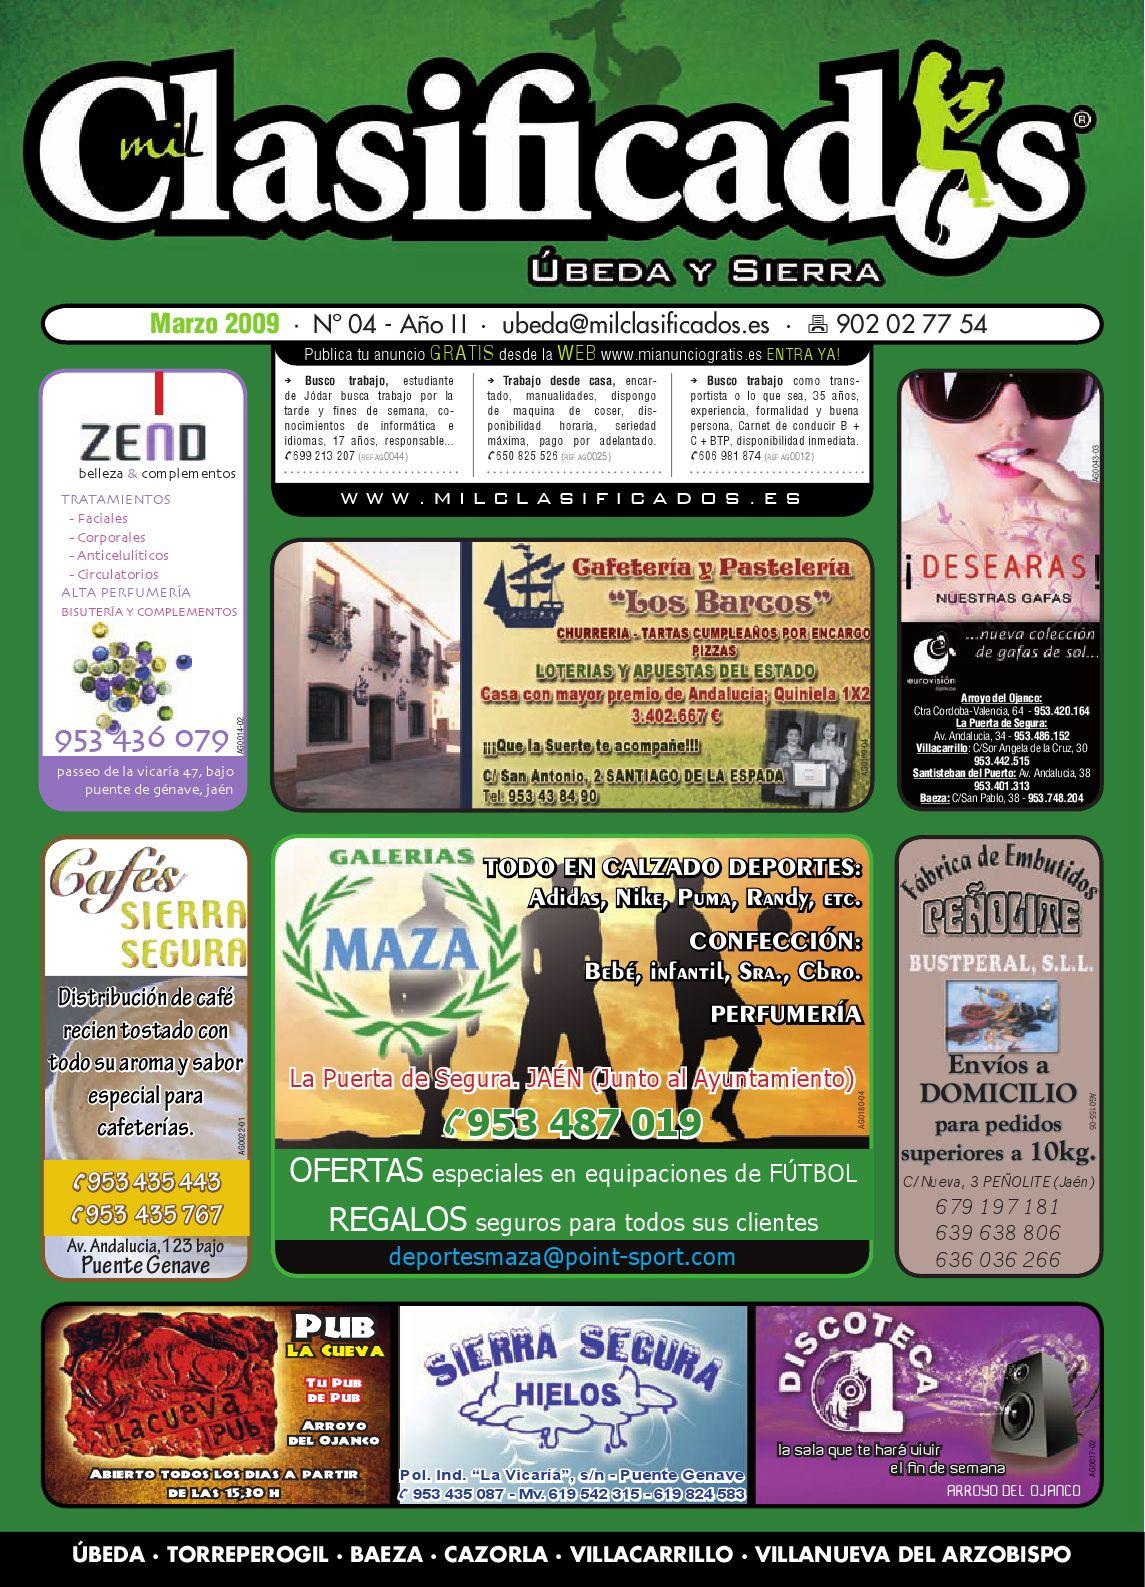 Milclasificados Edici N Beda Y Sierra Marzo 2009 By El  # Muebles Juigmar